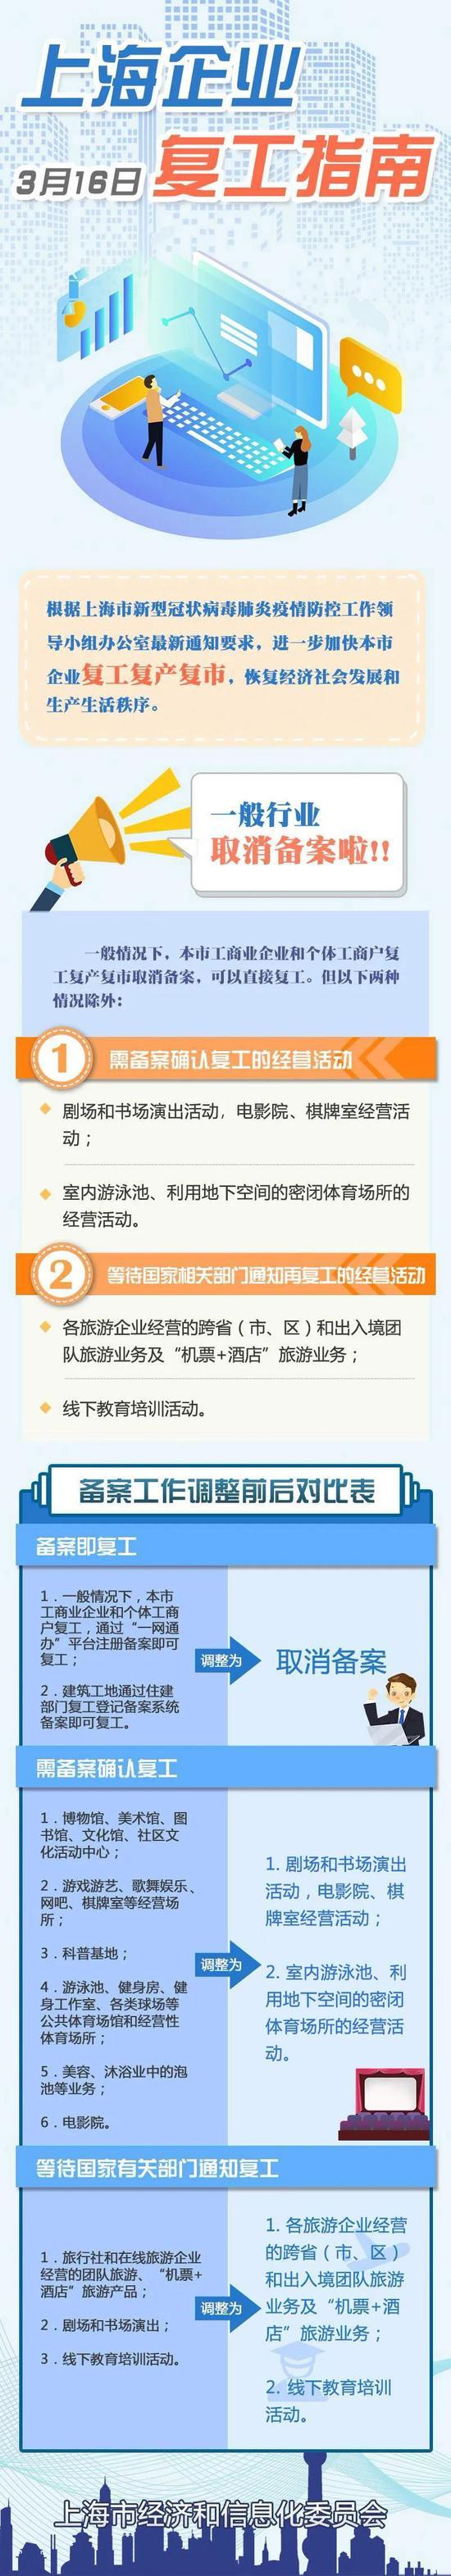 上海企业复工指南4金陵艳乱始篇.0版公布 一般行业取消备案